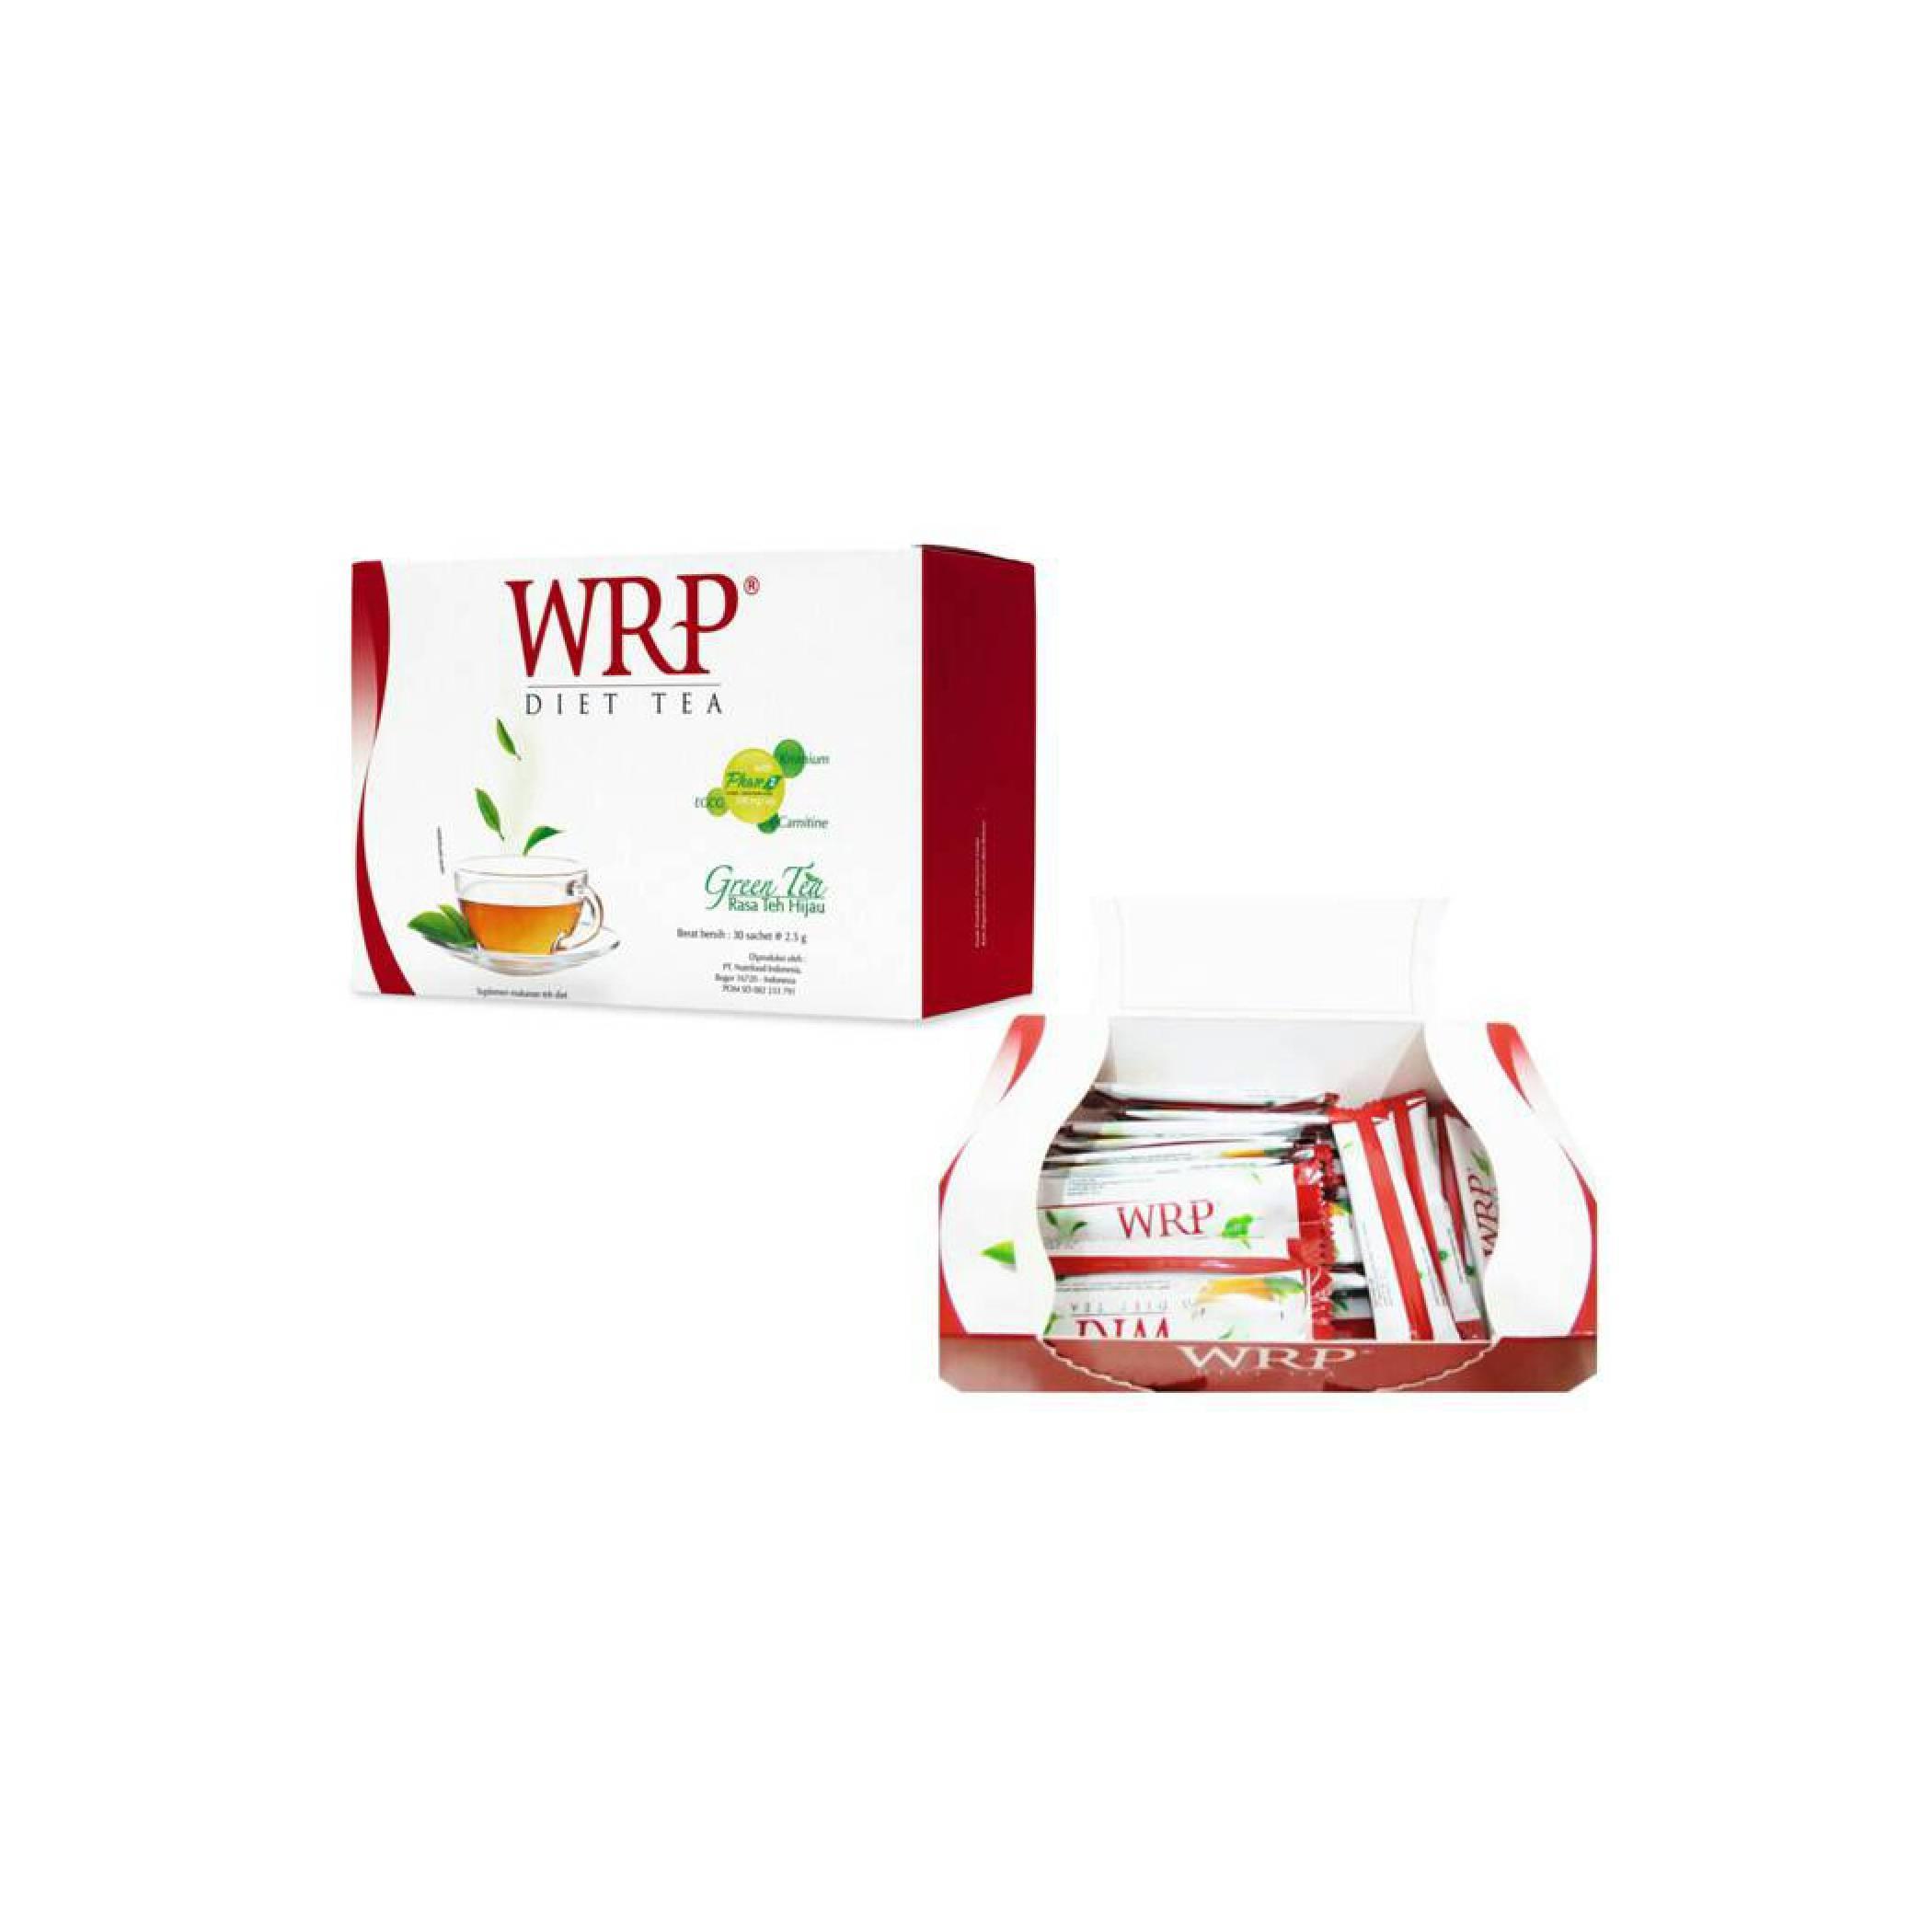 Wrp Meal Replacement Nutritious Drink Chocolate 300g Daftar Harga Slim Fit 6x54gr Vanilla 30 Buah Dan Ulasannya Toko Hornacko Source Free Shaker